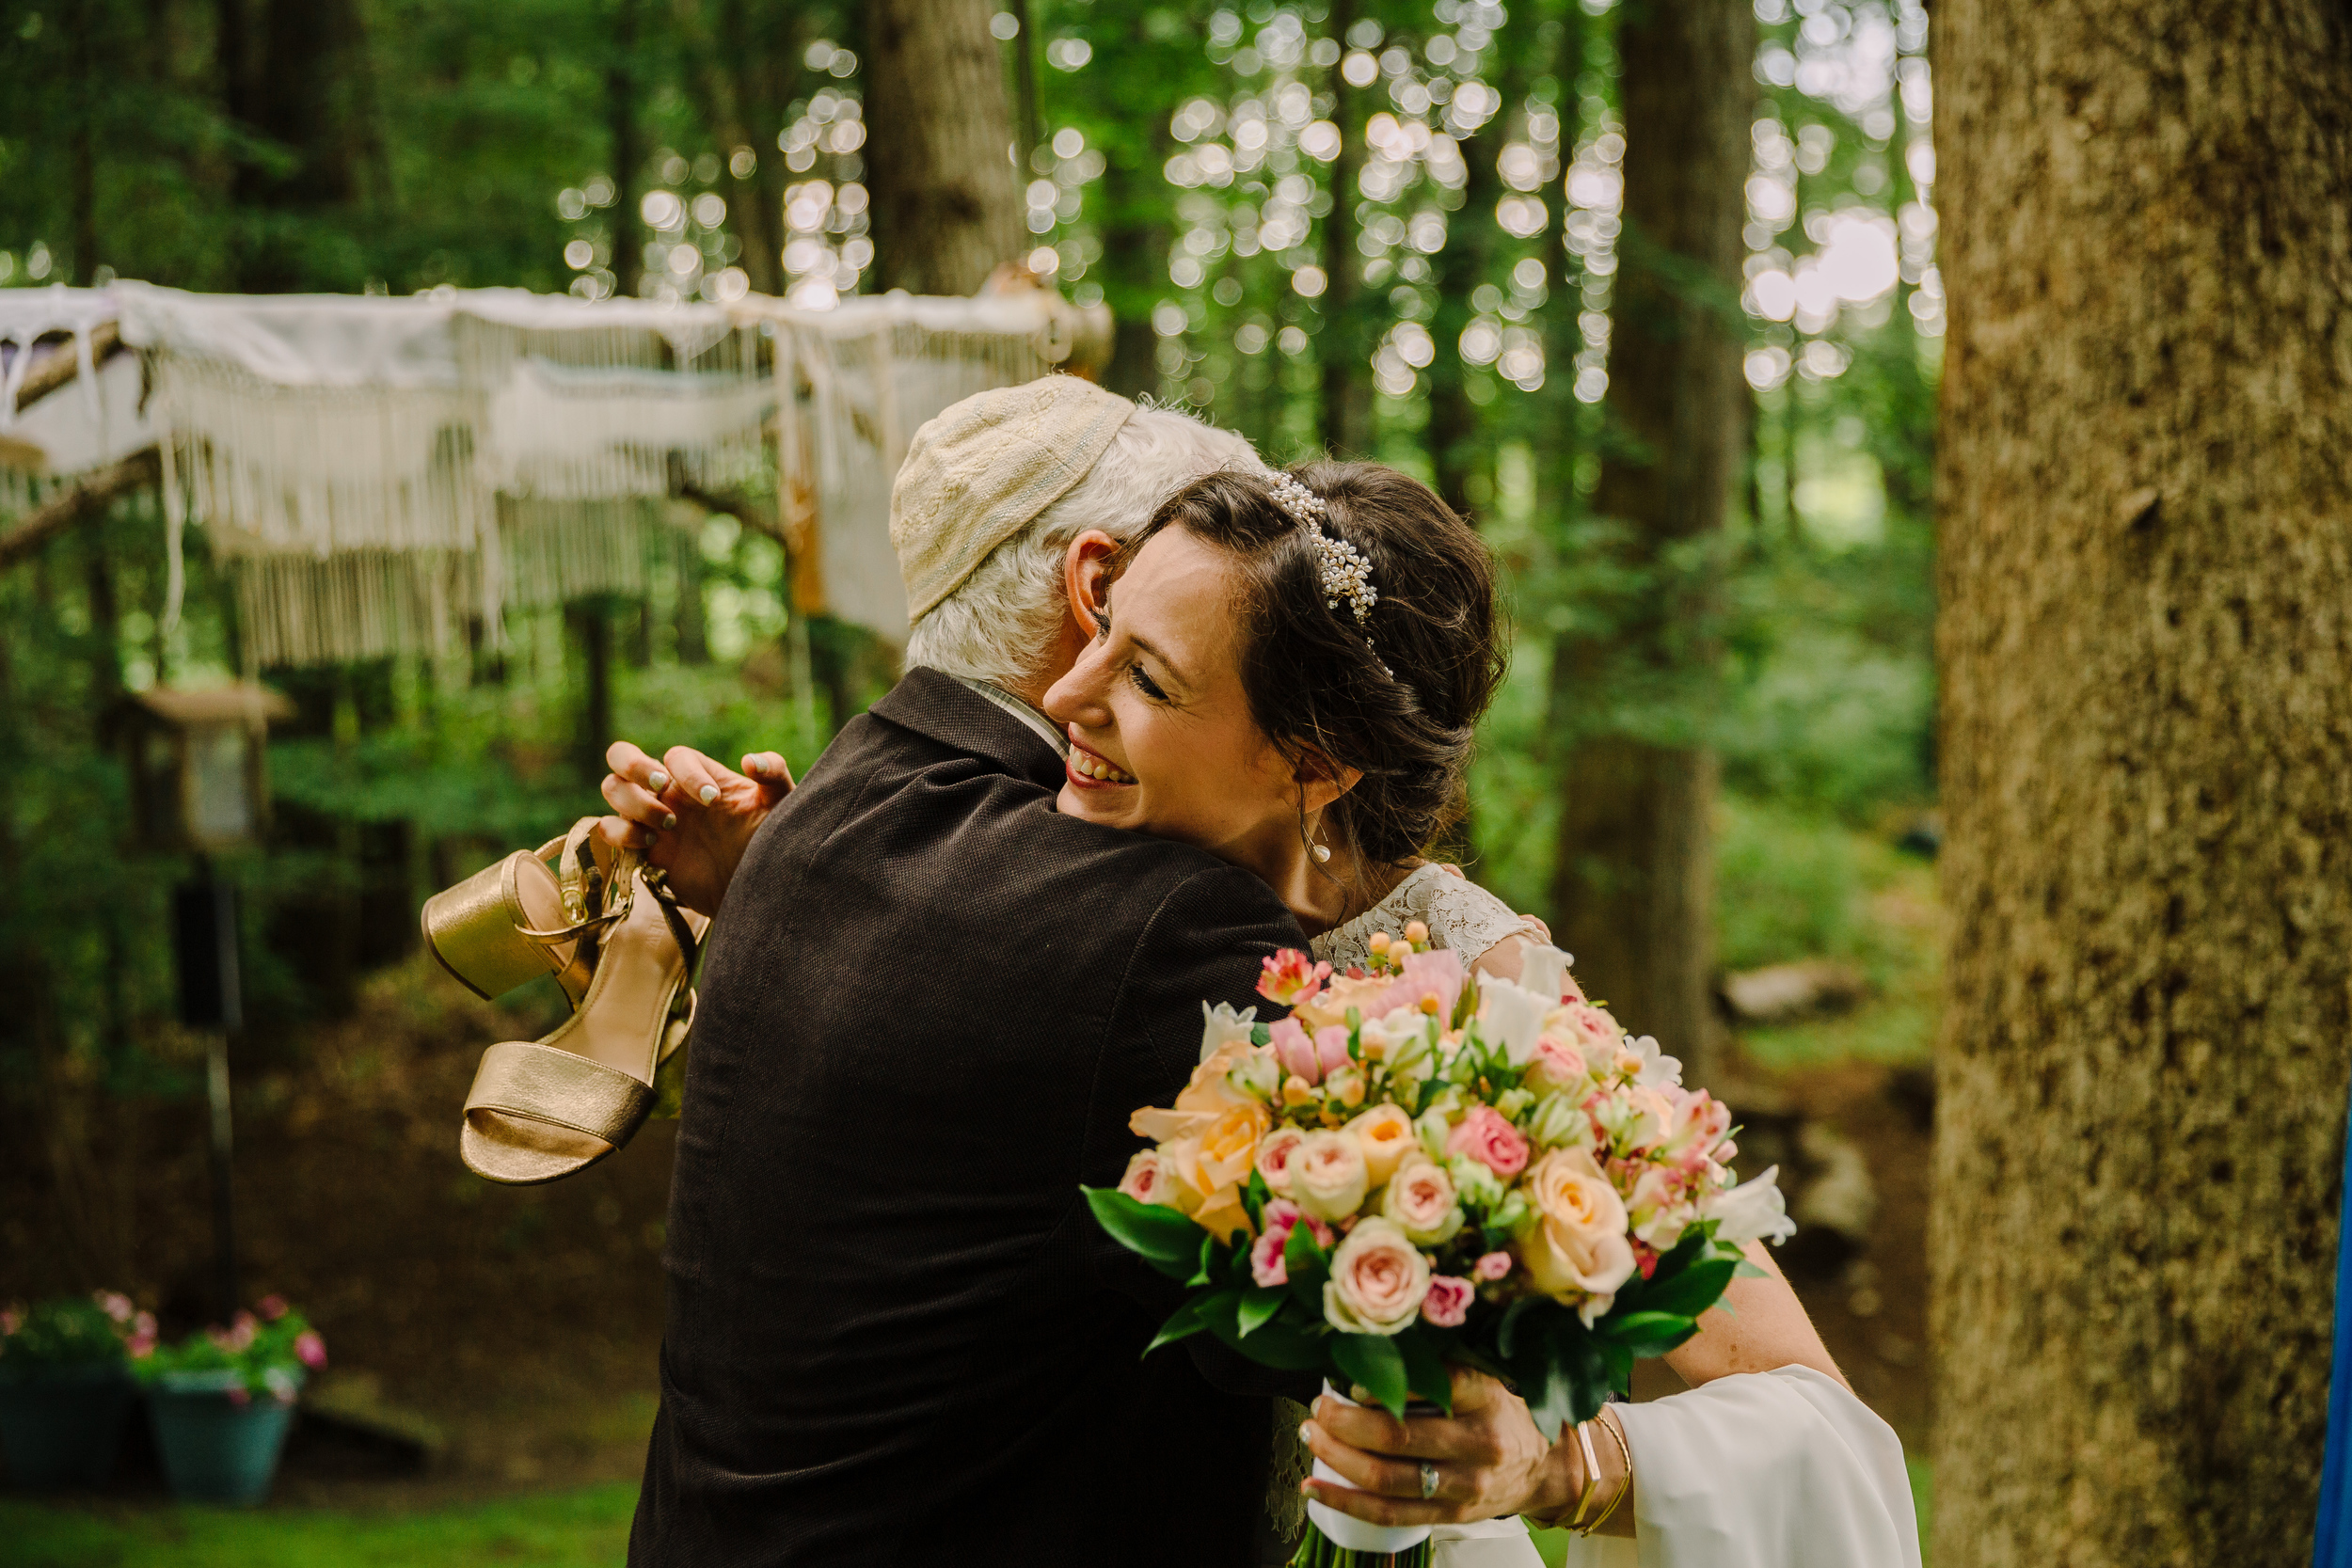 capecod_backyard_wedding_photos_mikhail_15.JPG